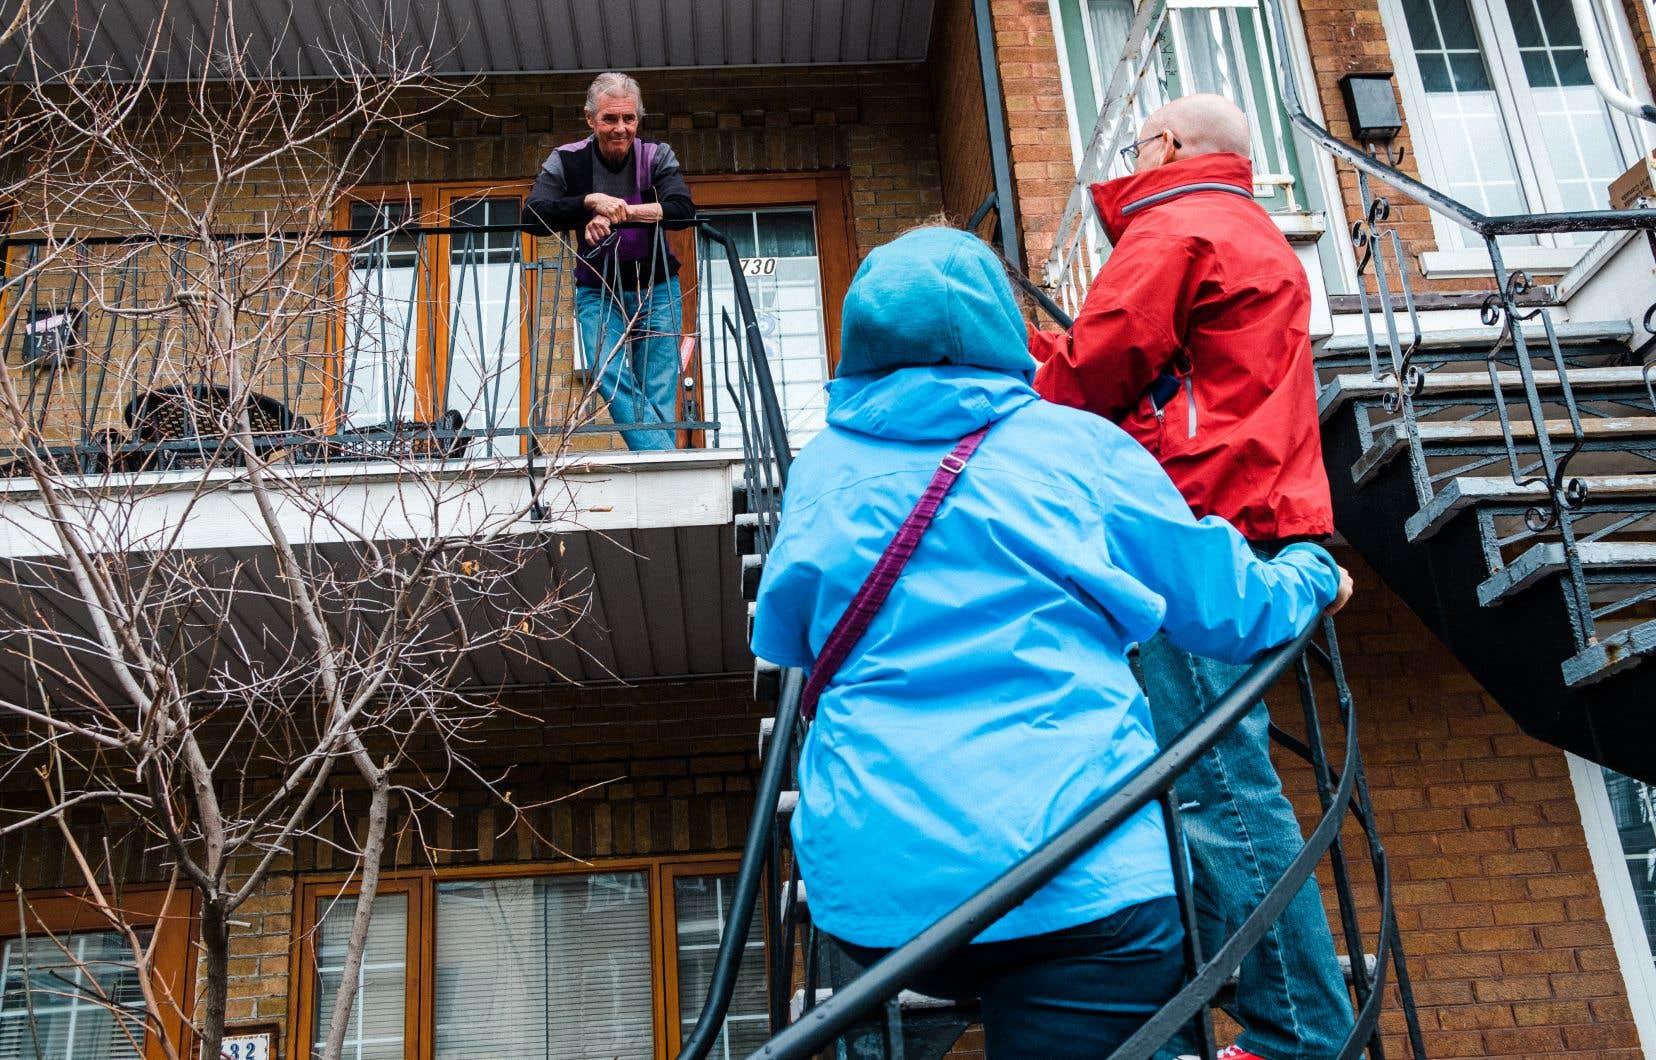 Québec est devenue en octobre l'épicentre de la pandémie dans la province. Depuis, Montréal lui a ravi le triste titre, mais la région de la Capitale-Nationale demeure l'une des régions les plus touchées par la pandémie actuellement.